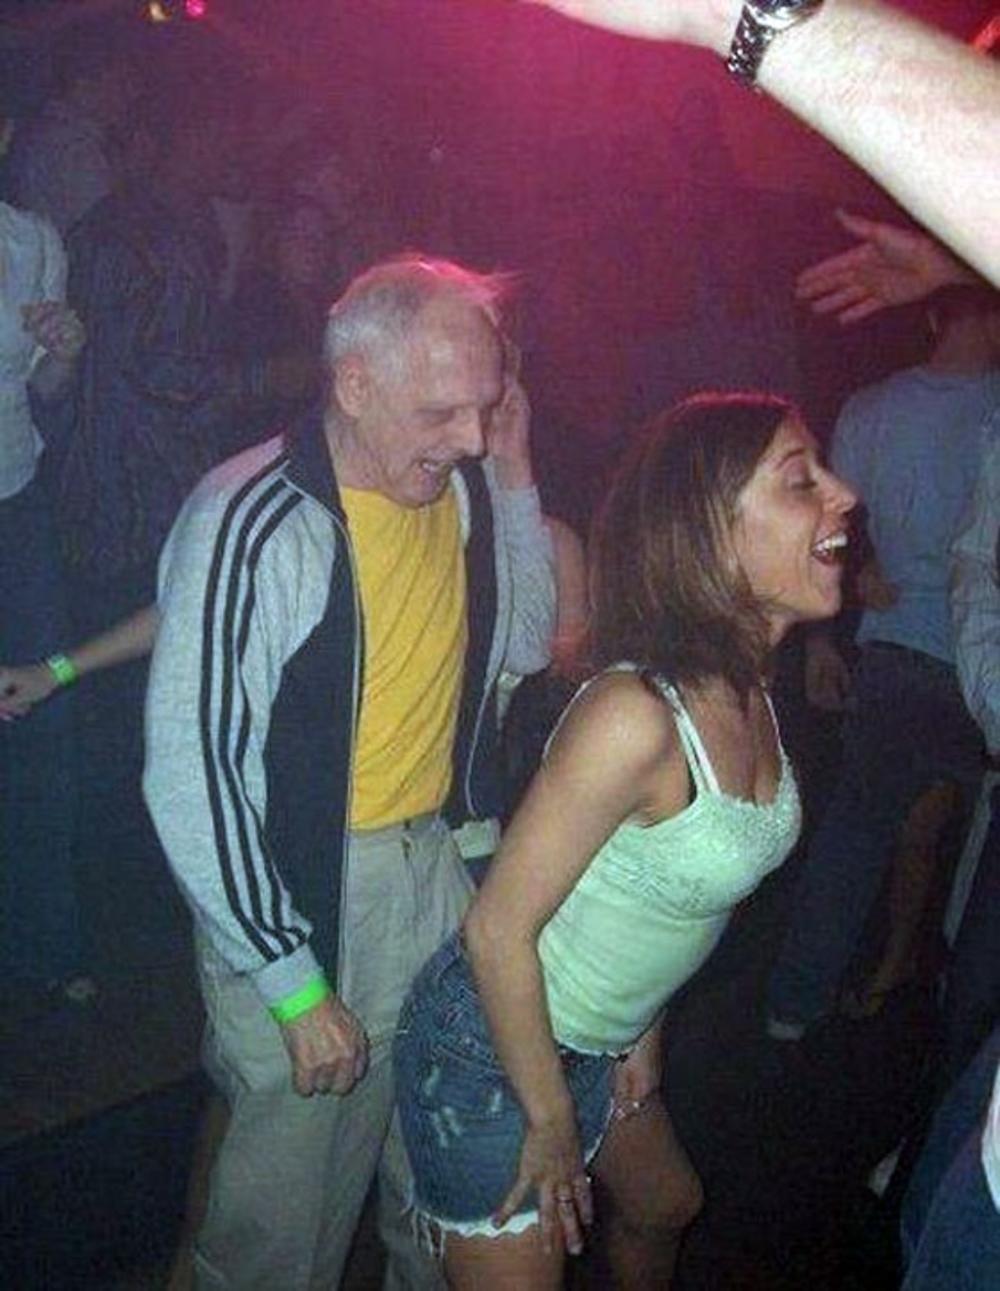 После Жарких Танцев, Пьяные Девушки Жёстко Прыгали На Членах Парней Смотреть